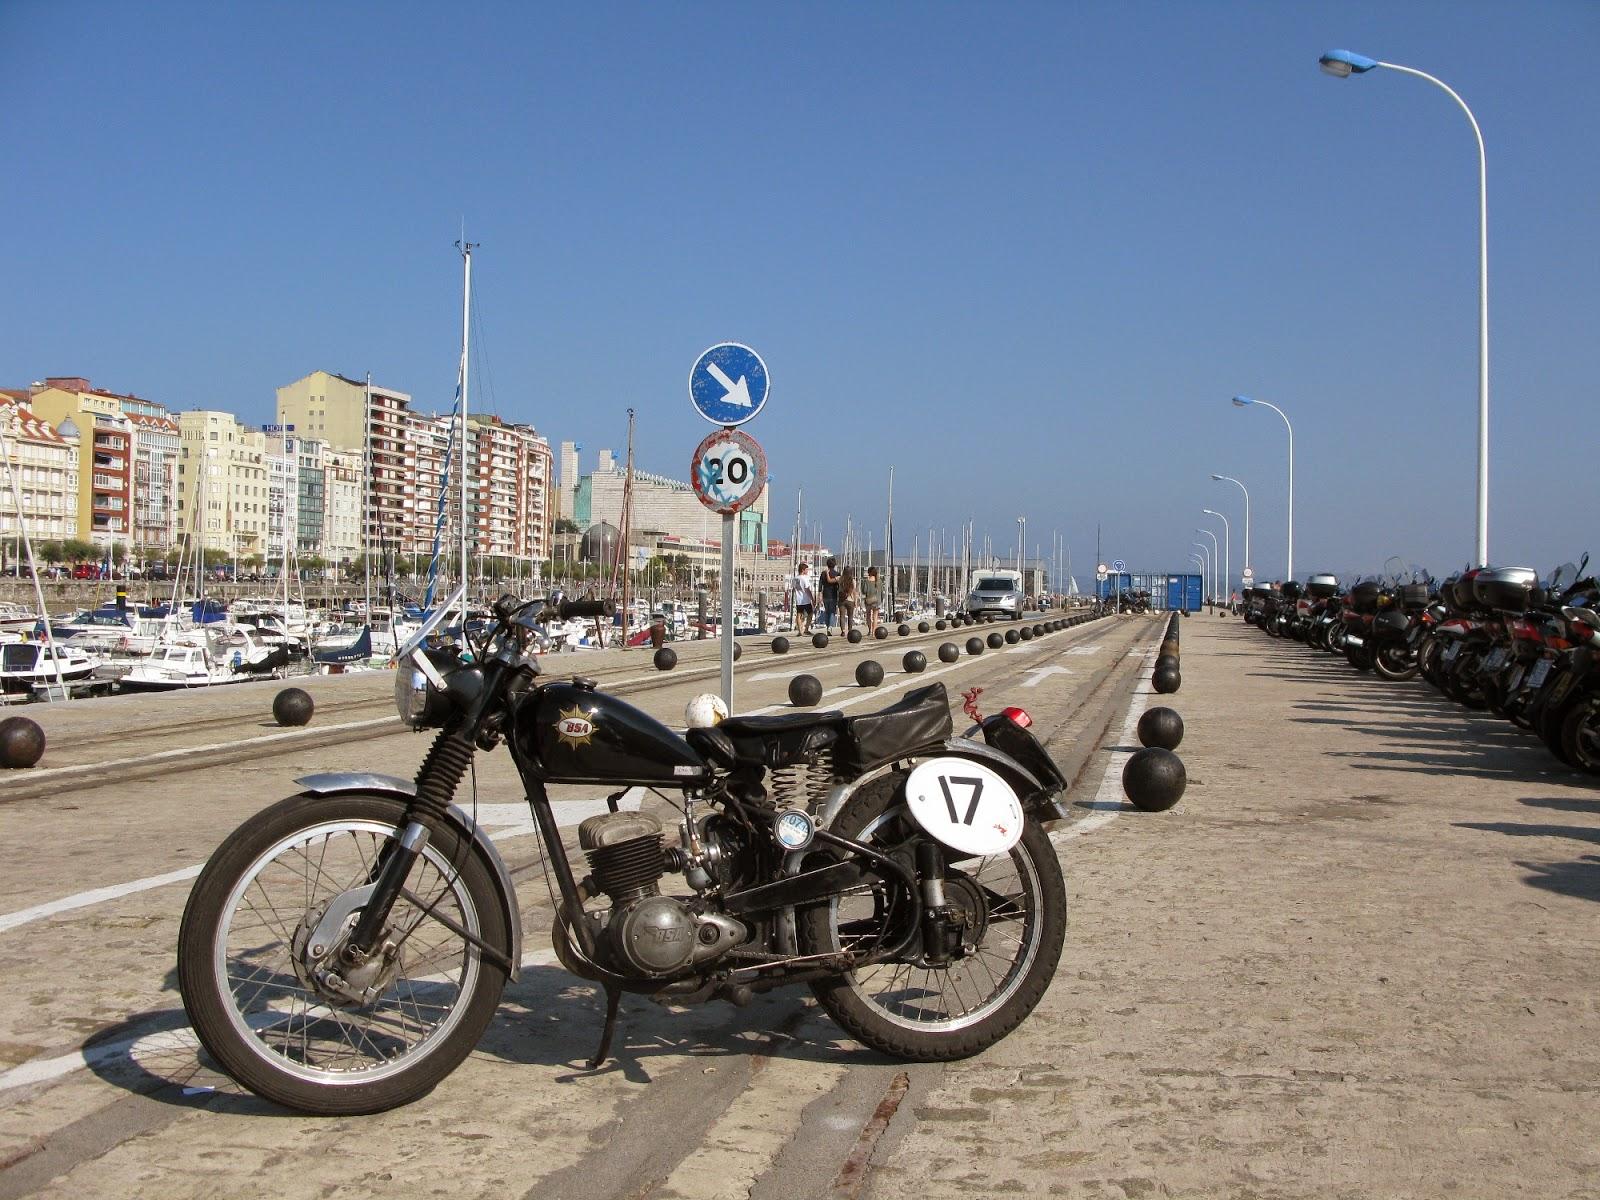 bsa bantam santander moto piston rally spain